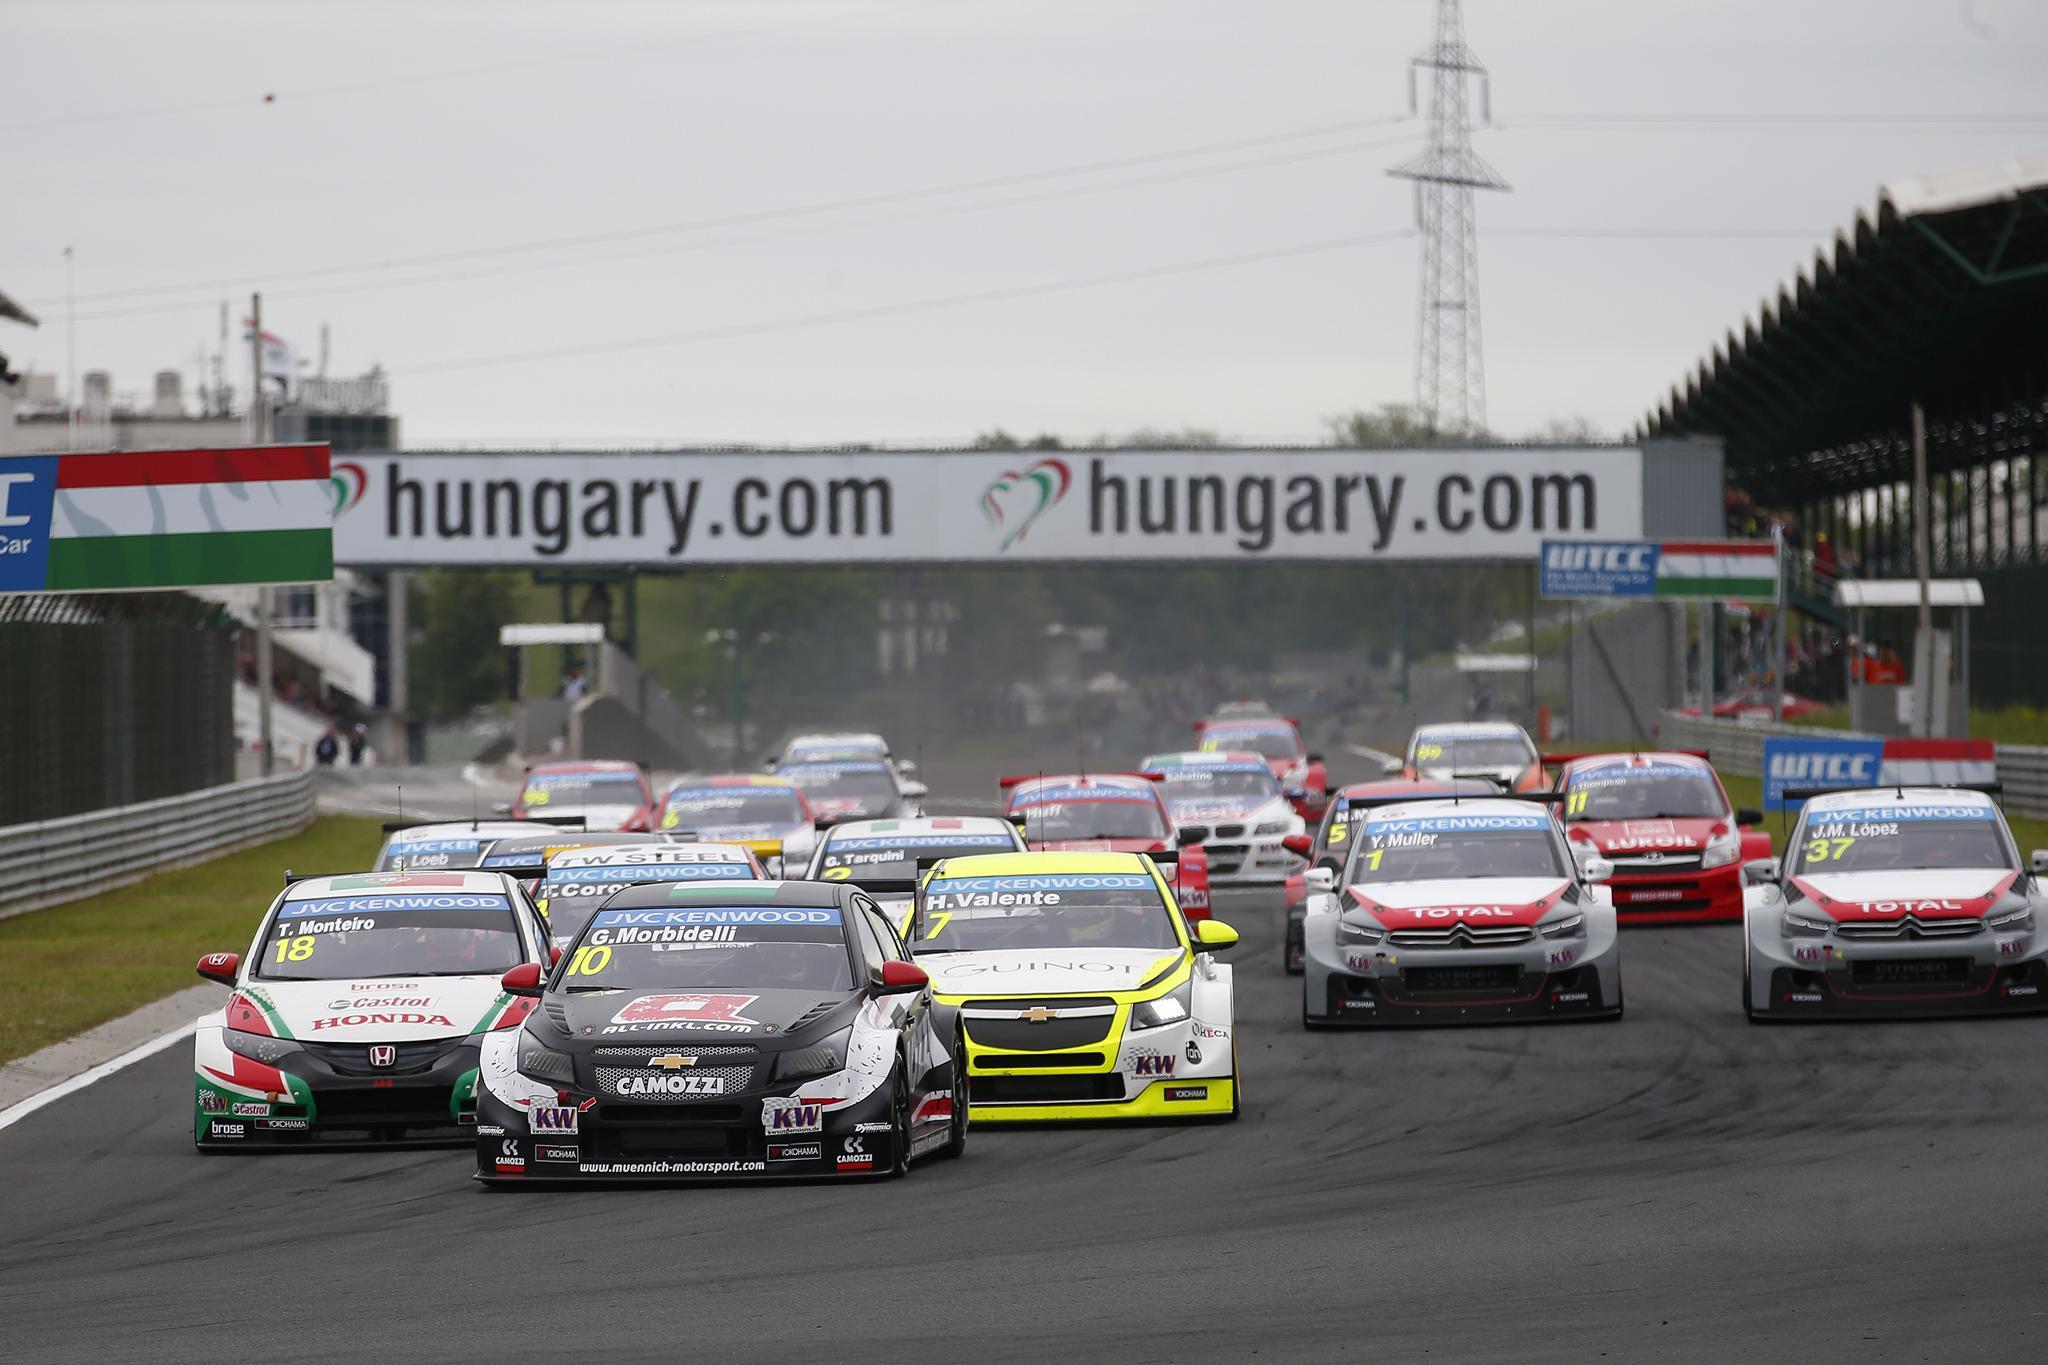 WTCC_Race_Ungarn_2014_2014_00011.jpg